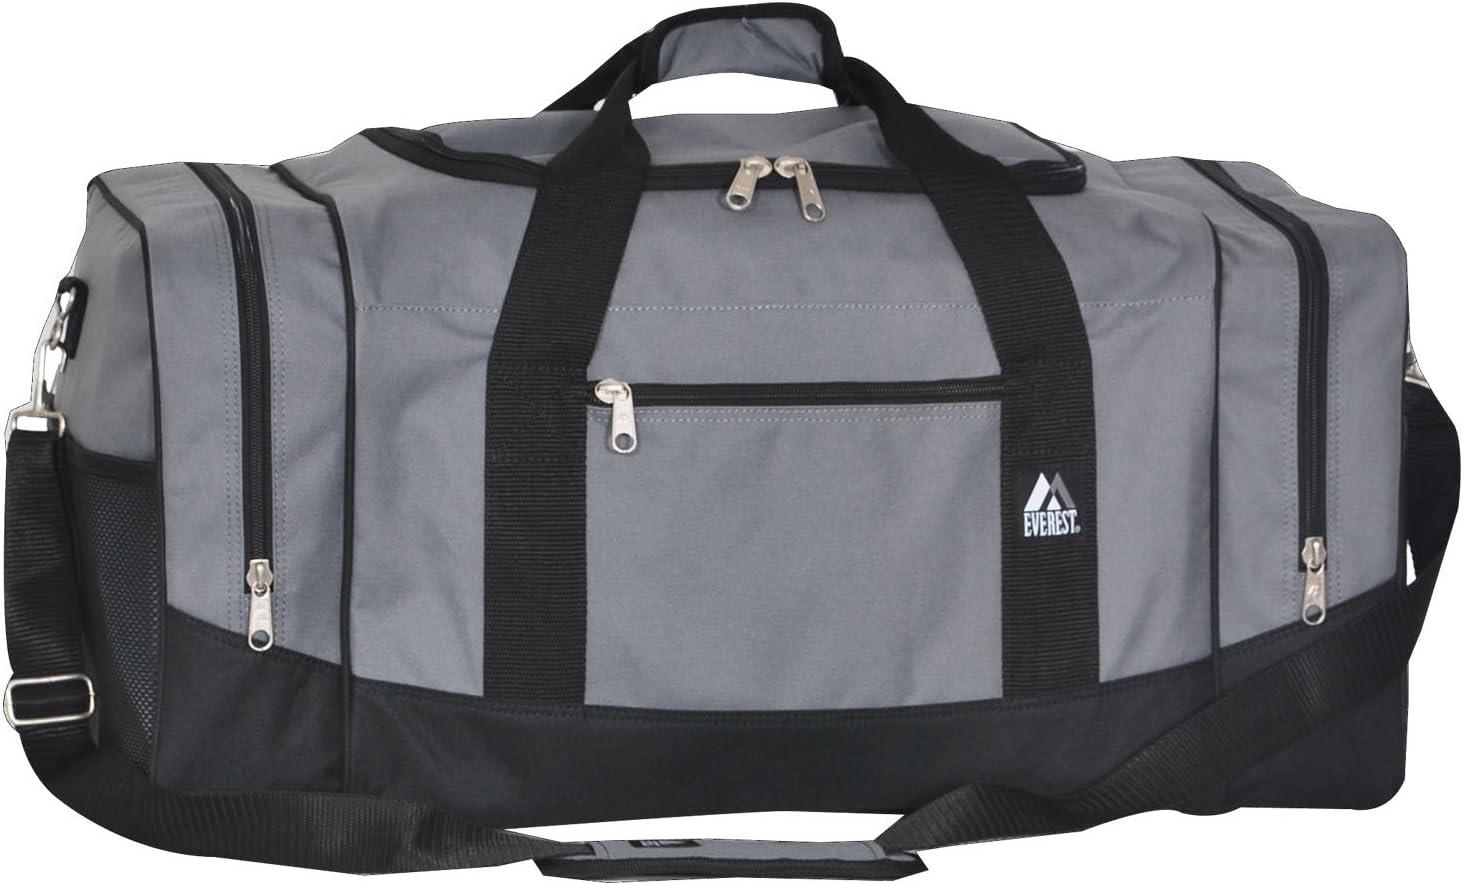 Dark Gray//Black Everest Gym Bag with Wet Pocket